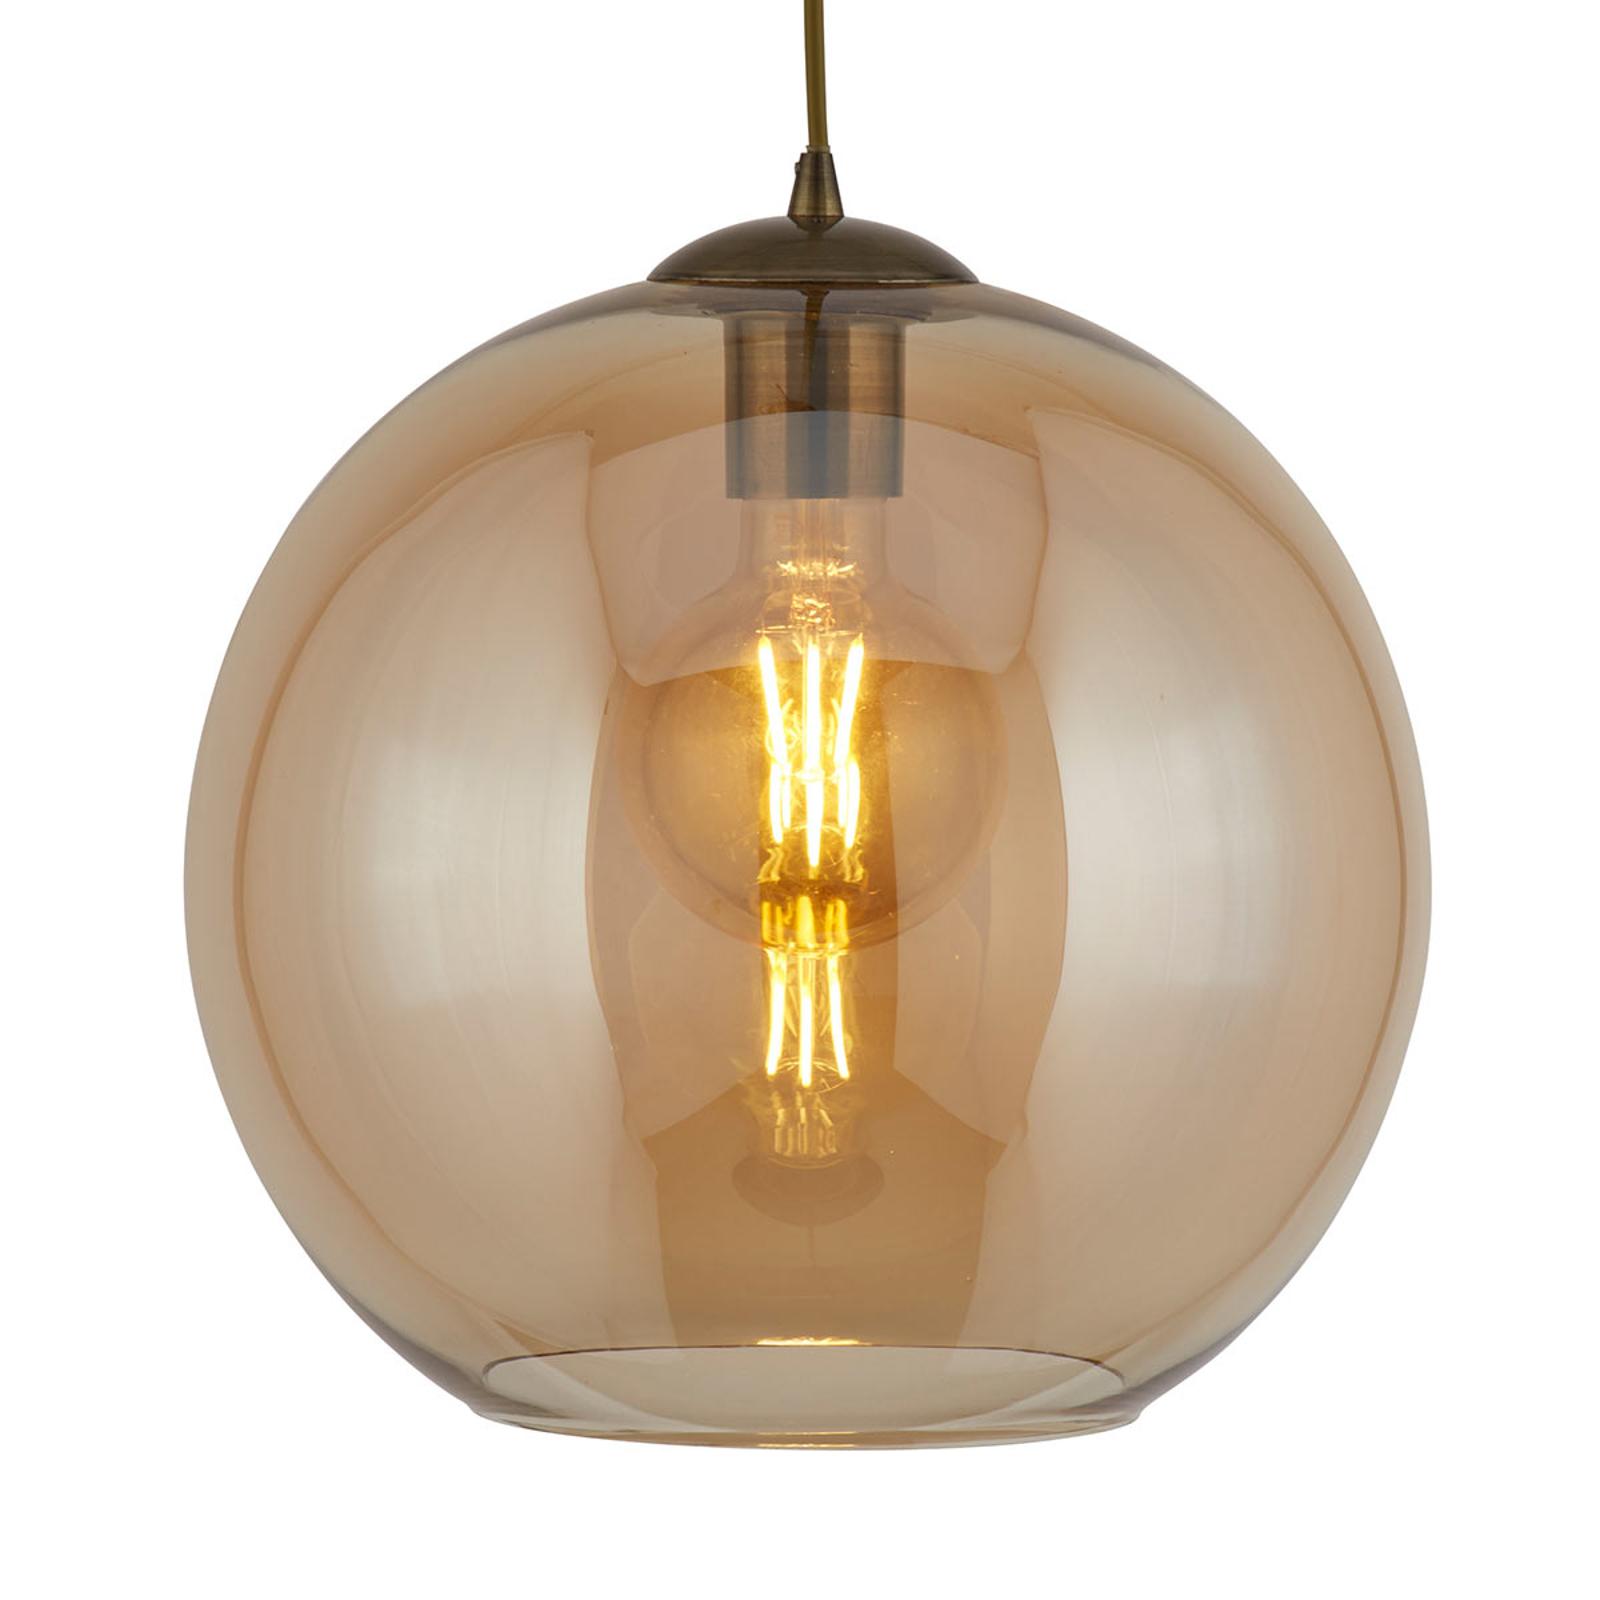 Suspension Balls avec verre de lampe ambré 25 cm